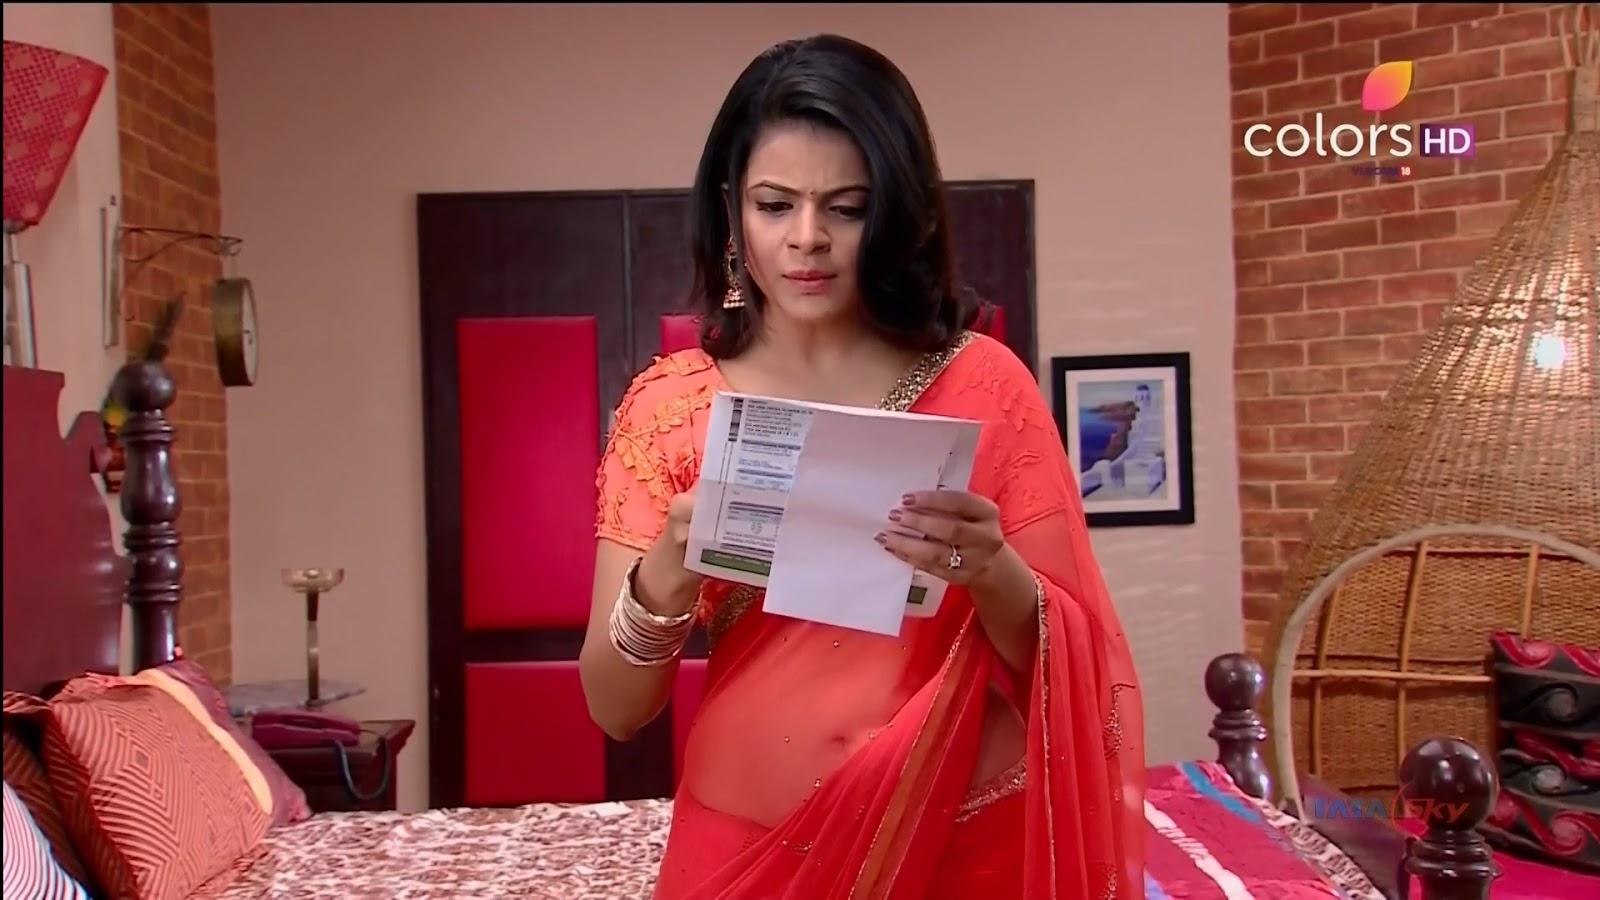 Jigyasa Singh TV show actress from Thapki Pyaar Ki in Orange Transparent Saree